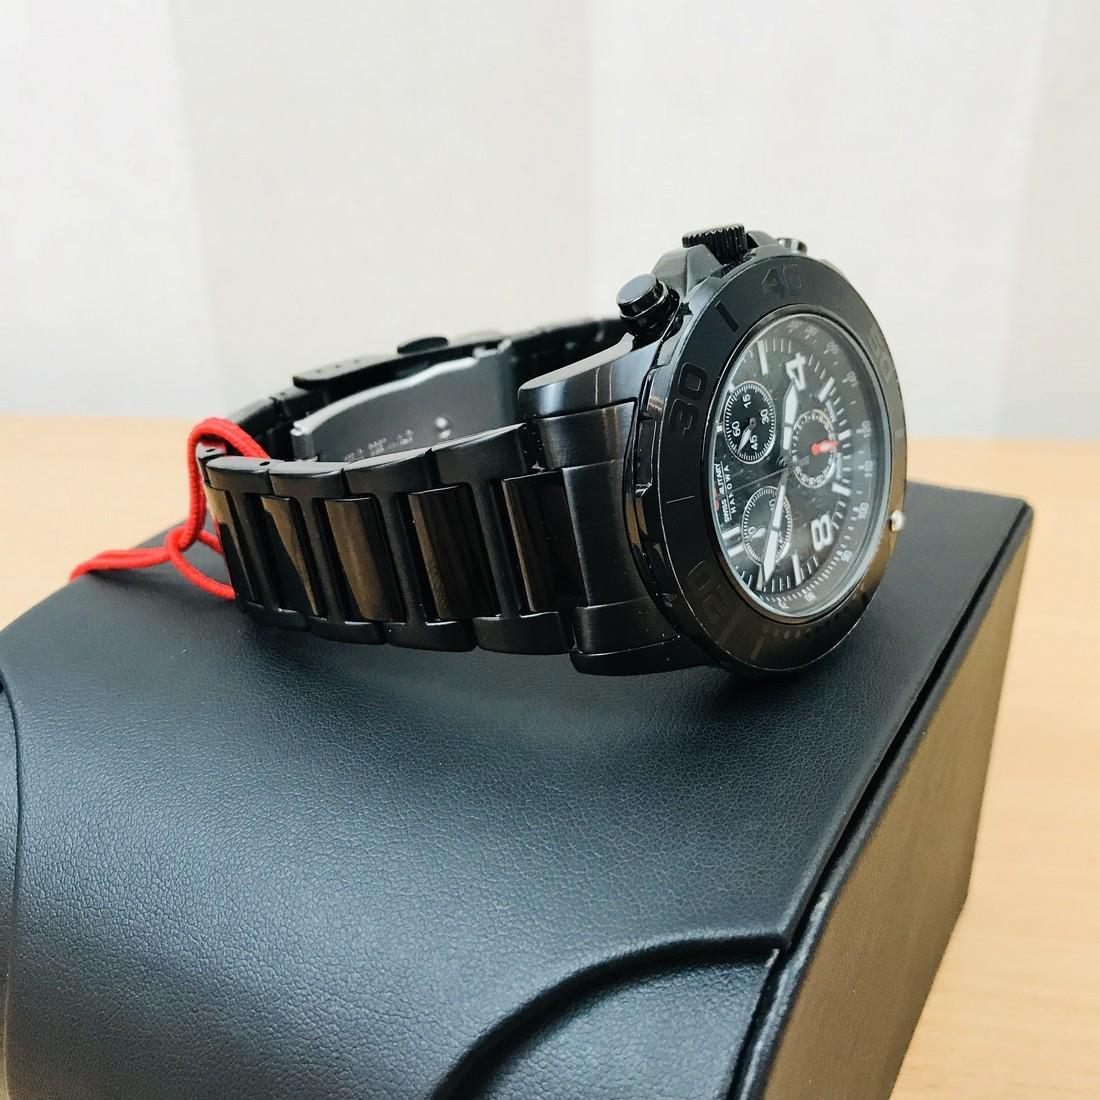 Swiss Military Hanowa – Swiss Made Chronograph Watch - 5